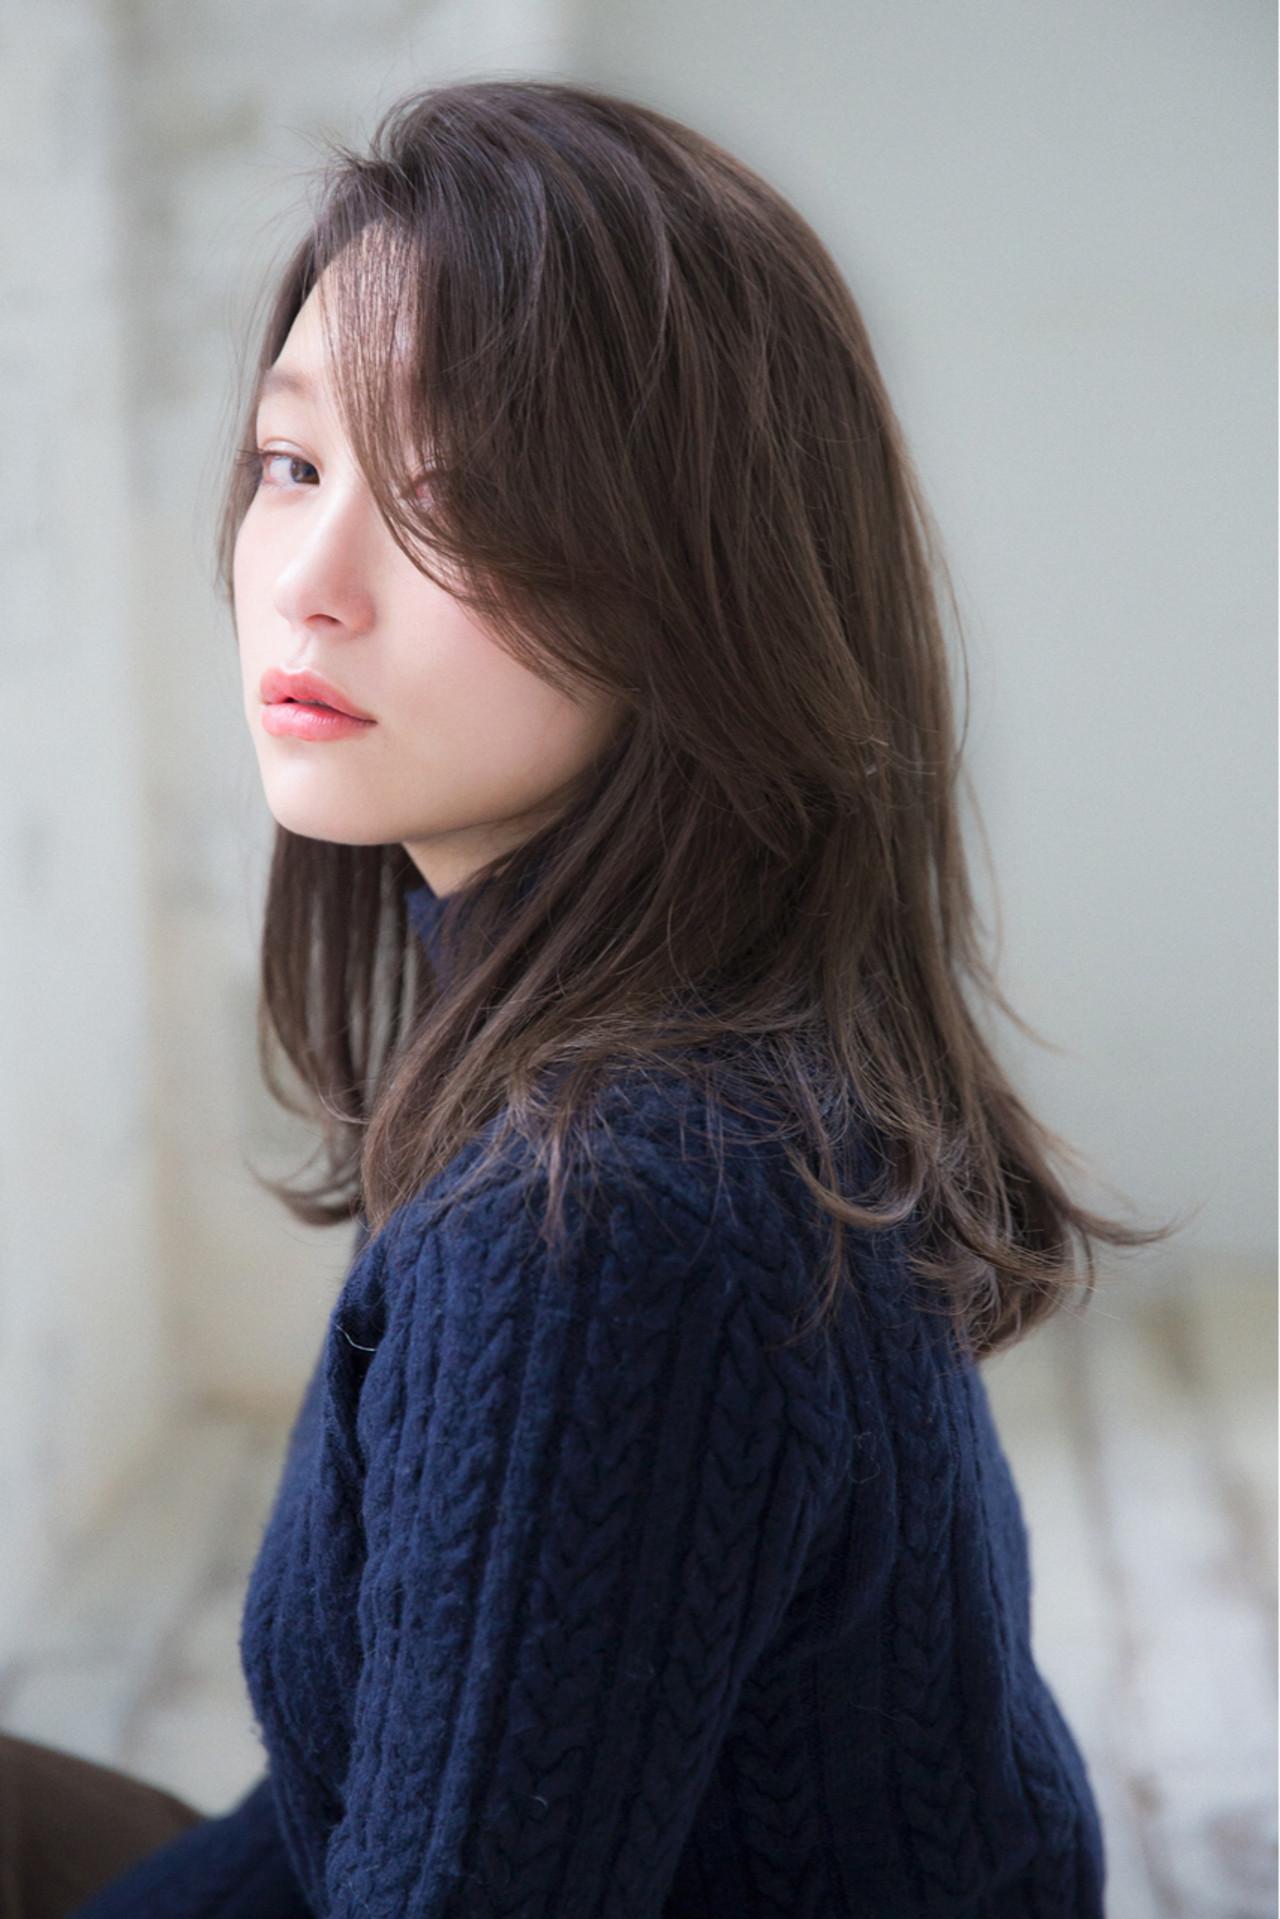 黒髪なら、グッと大人っぽく女性らしい印象に joemi by unami 森千里